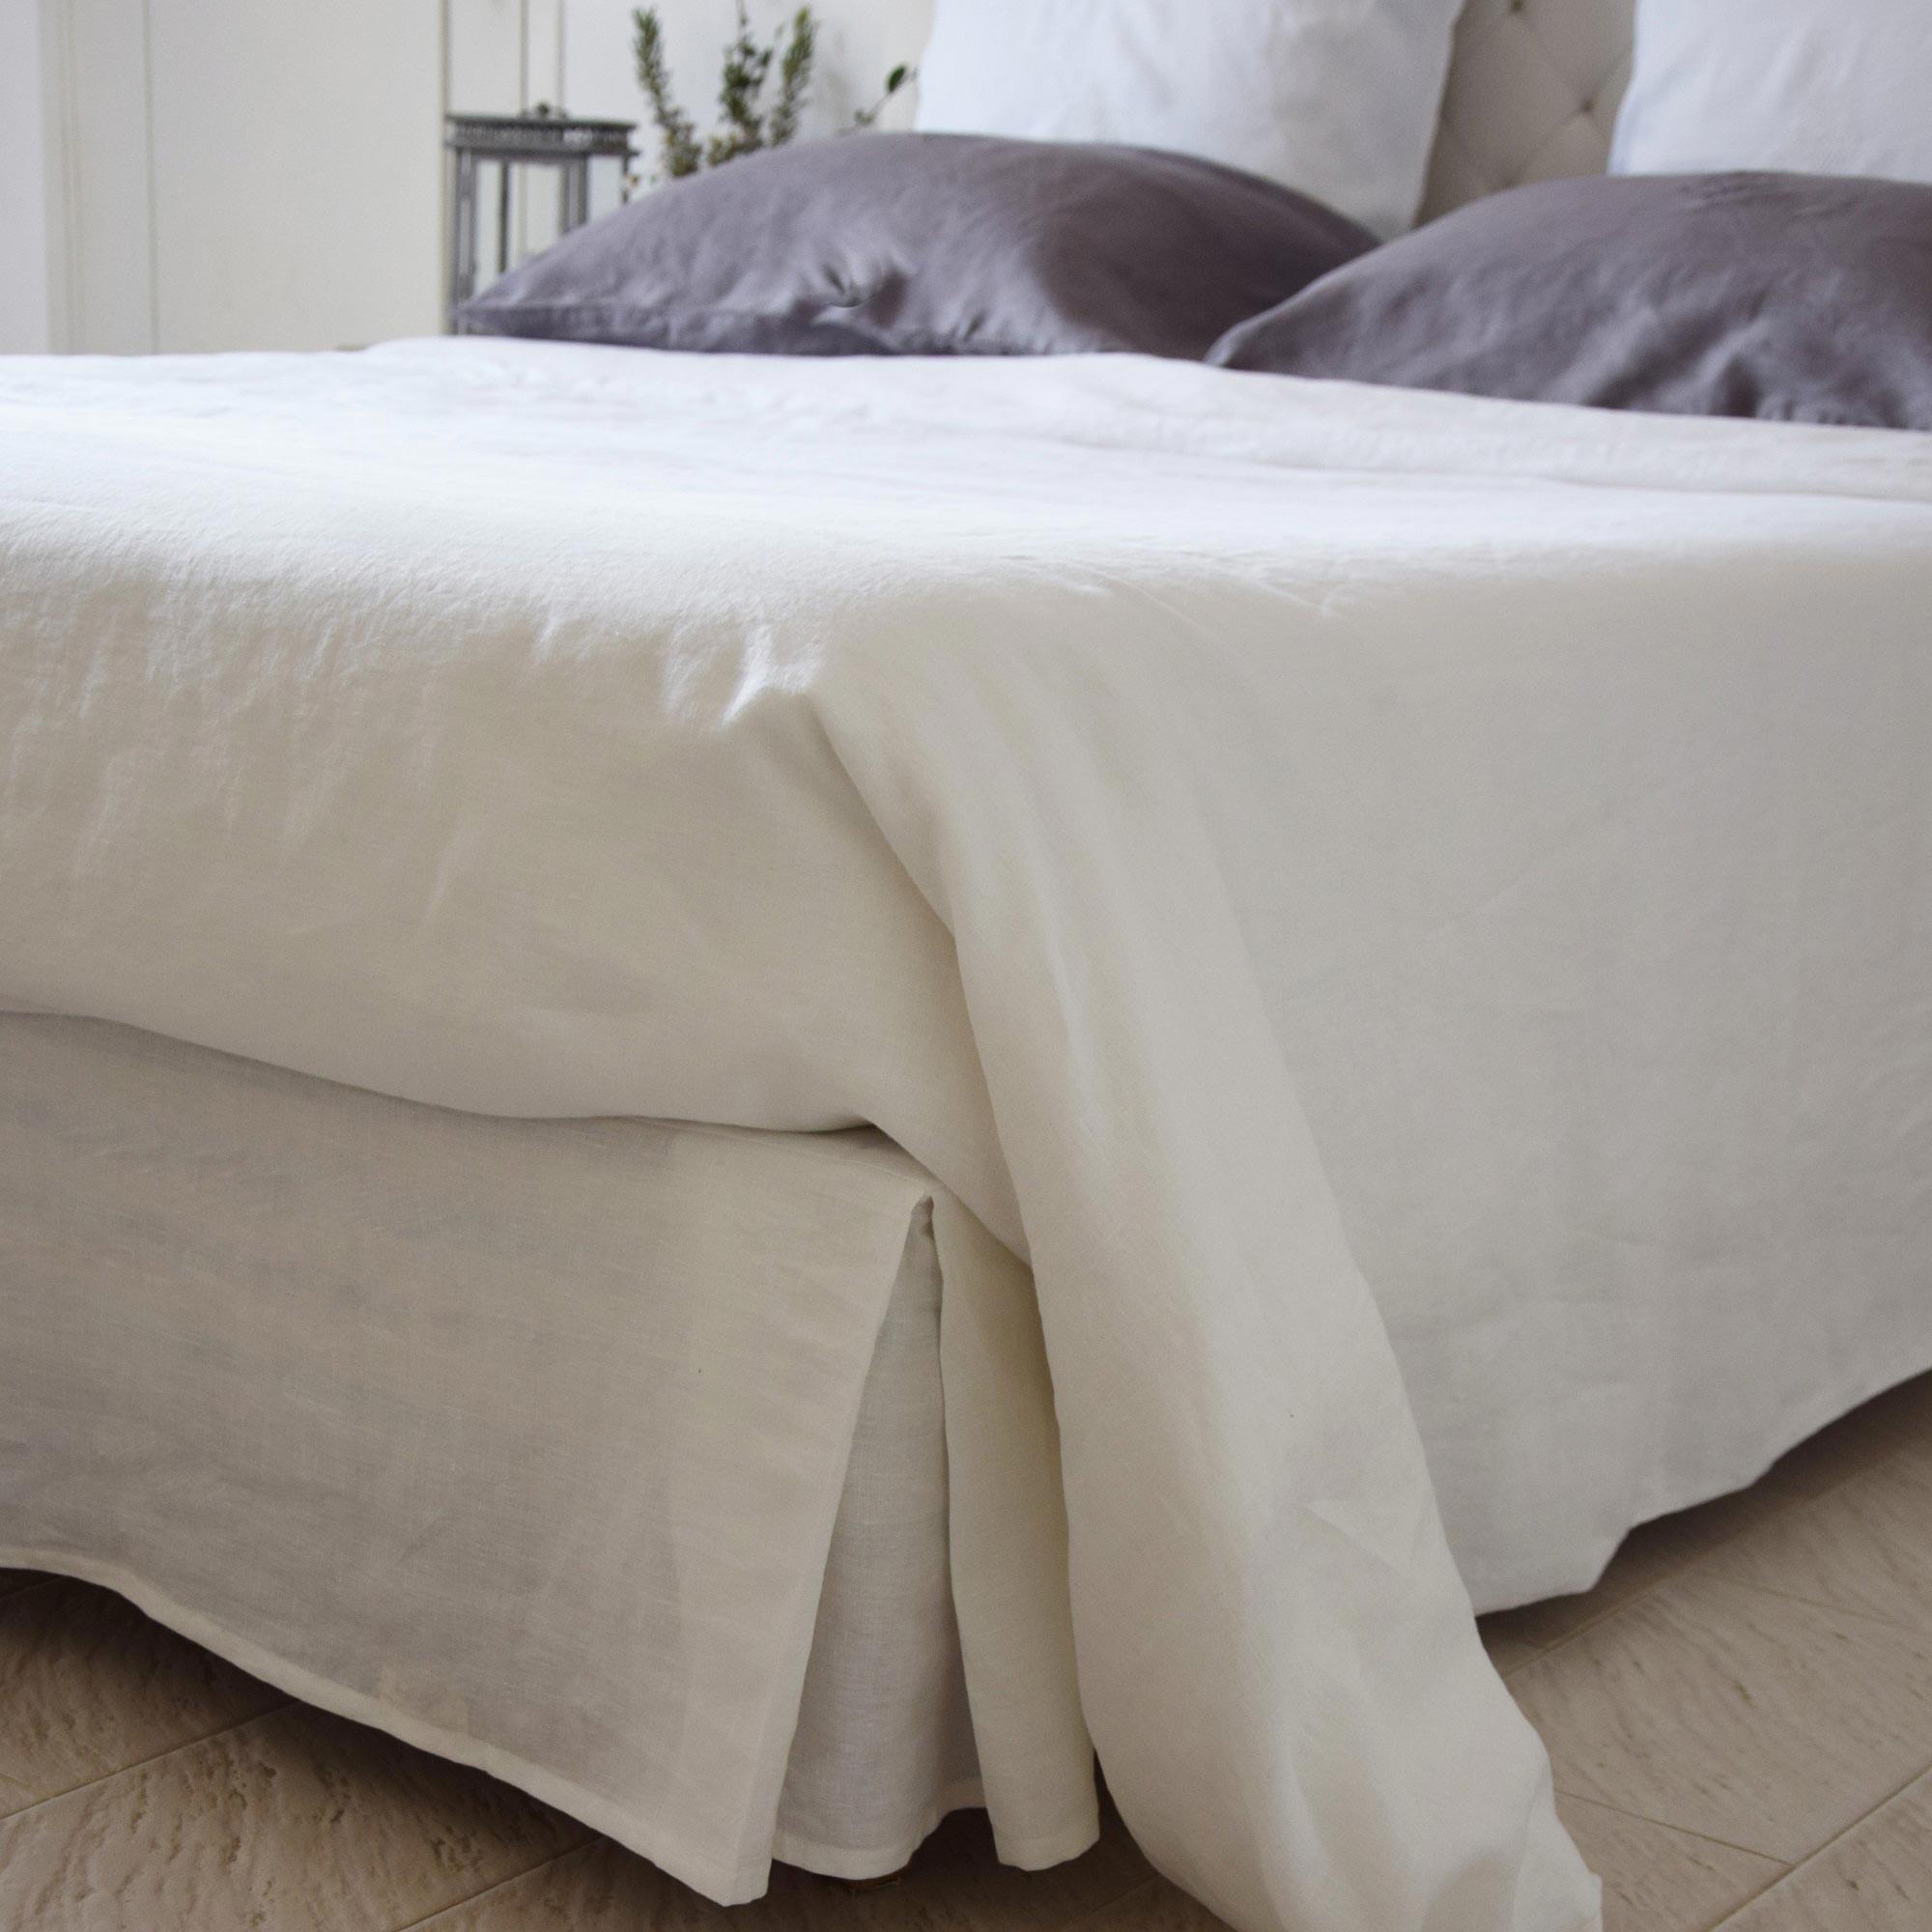 Cache sommier en lin blanc maison d 39 t - Housse cache sommier ...